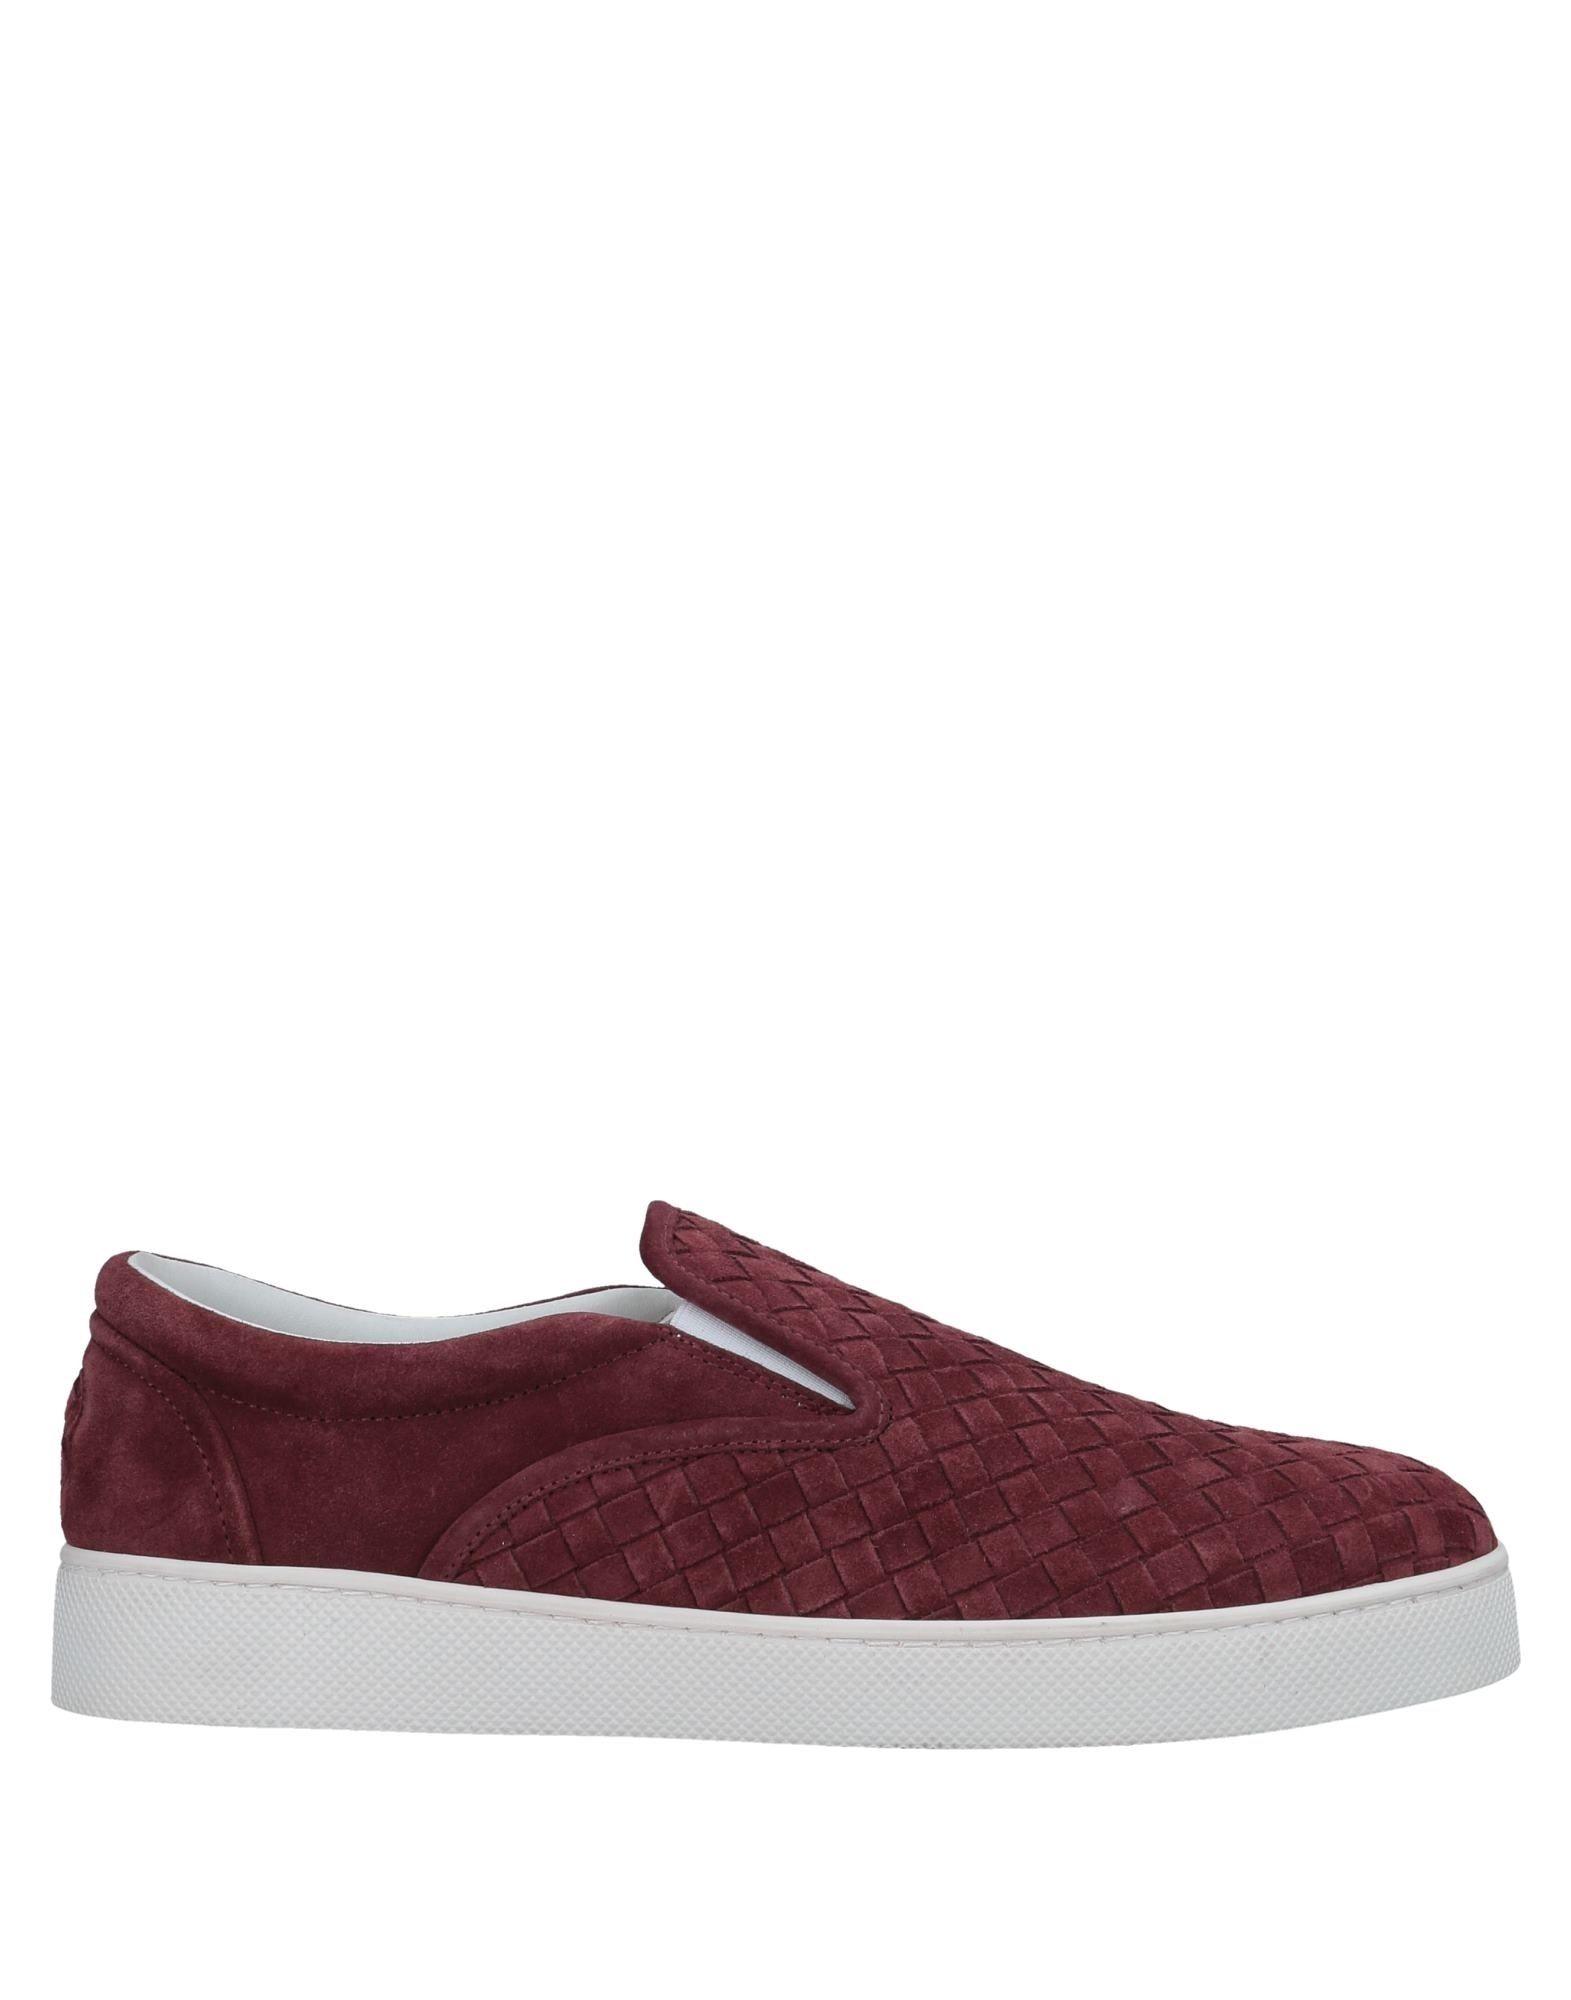 Bottega Veneta Sneakers Herren  11127889XU Gute Qualität beliebte Schuhe